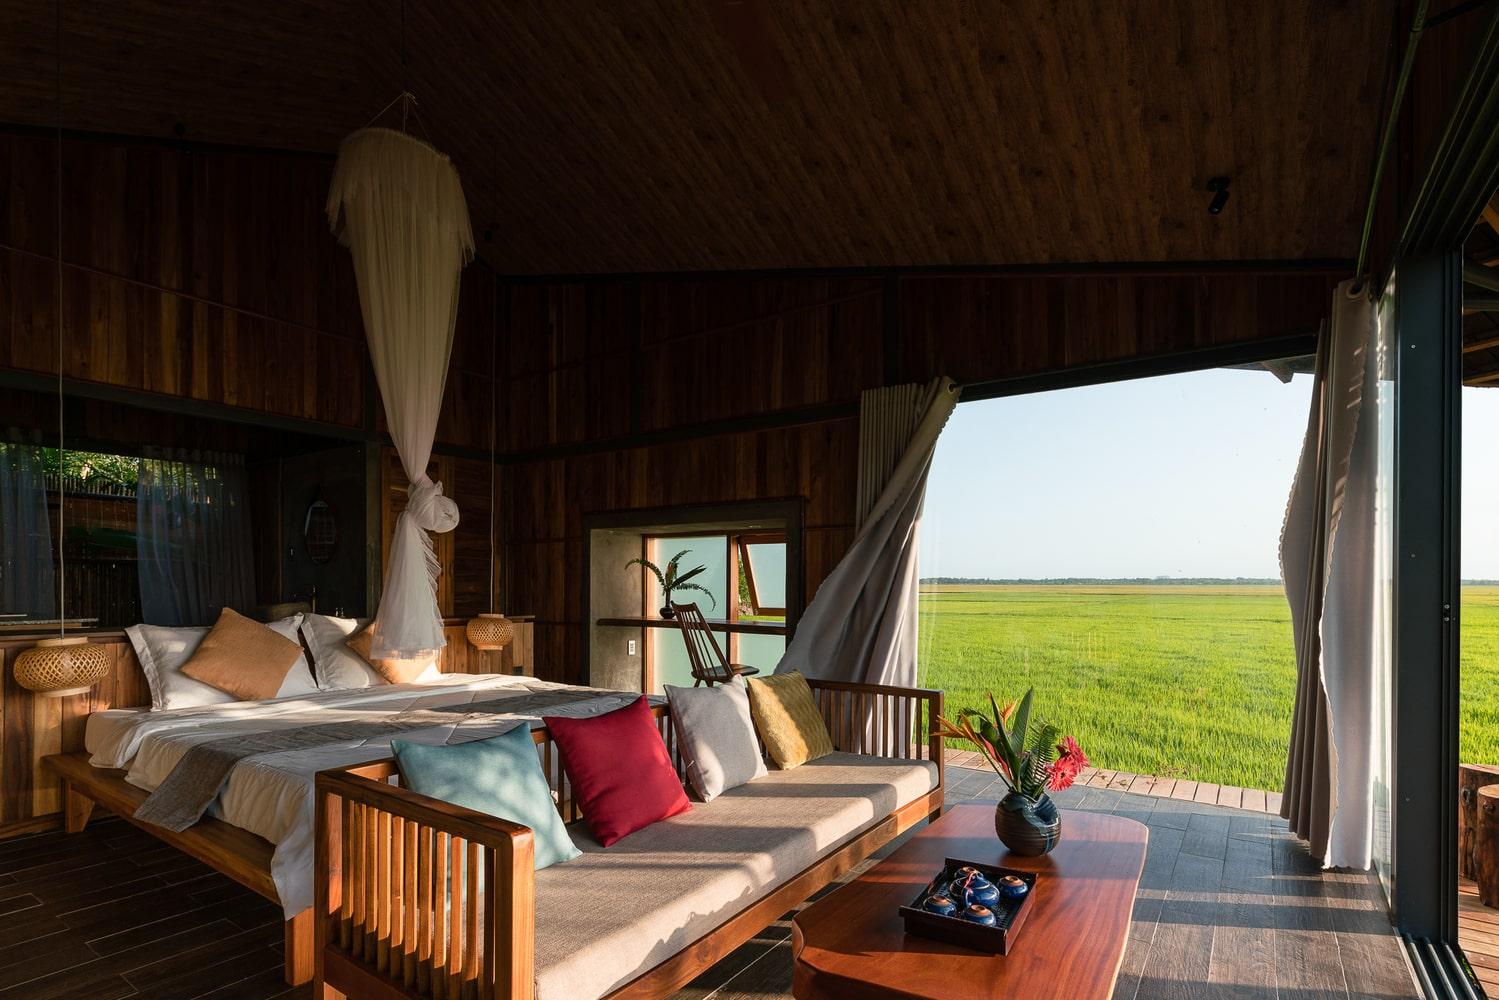 du lịch Hồ Tràm nên ở The Ruộng Resort